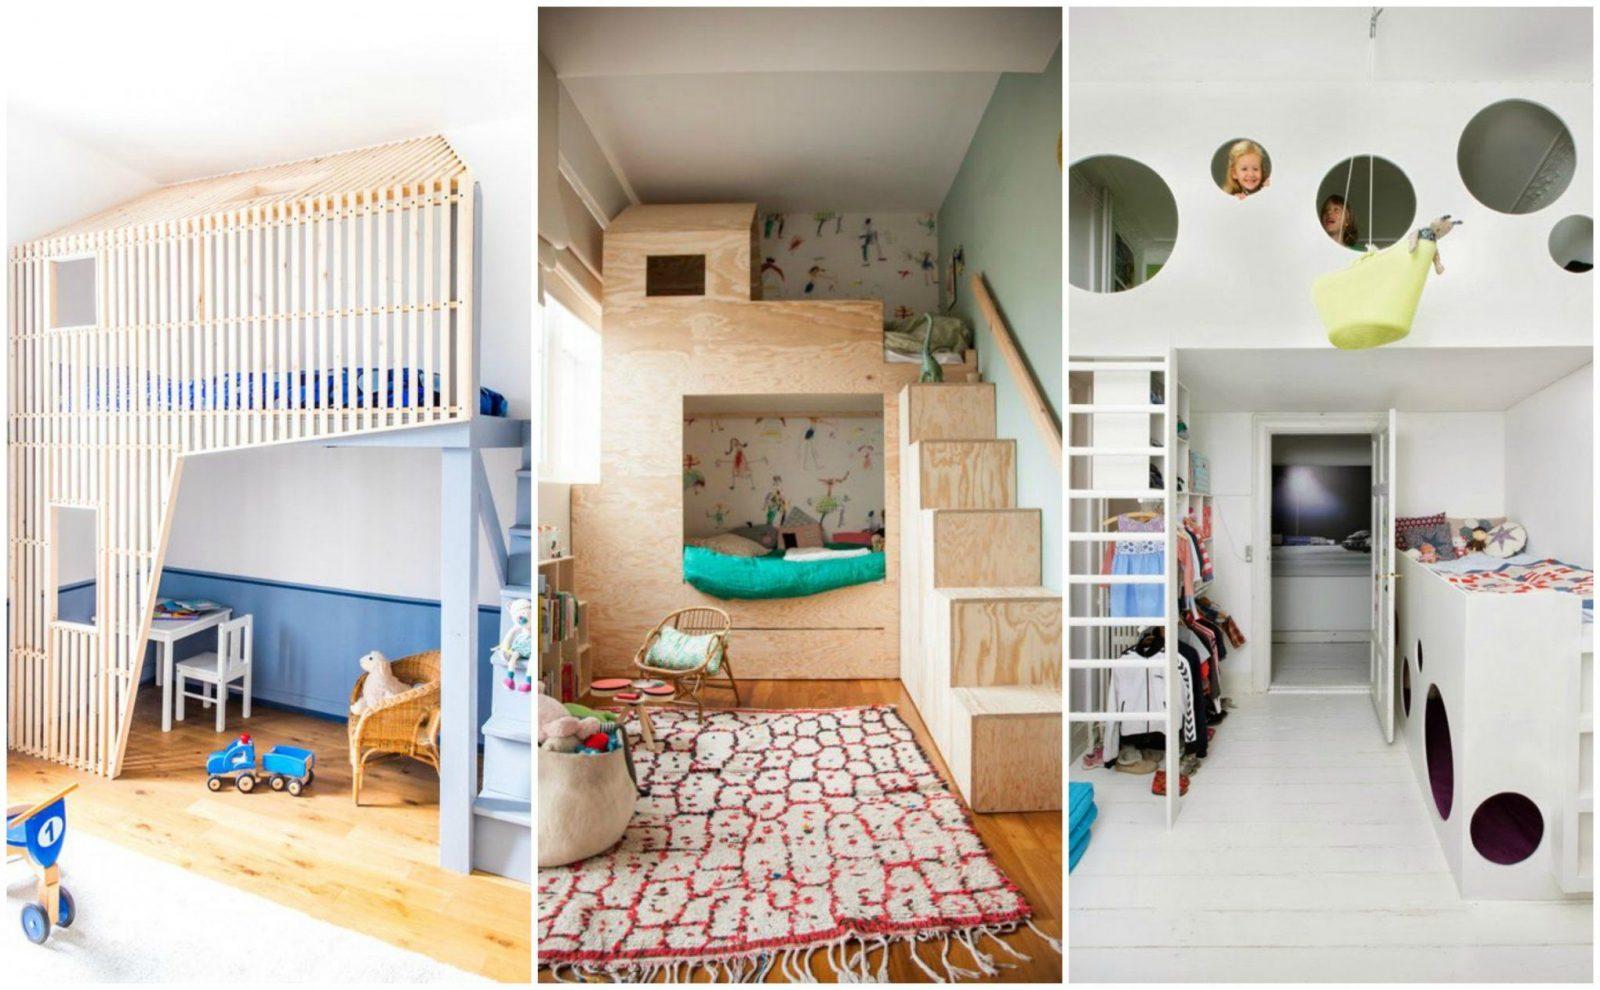 Stilvolle Kleine Kinderzimmer Optimal Einrichten Hochbett Ideen von Kleine Kinderzimmer Optimal Einrichten Photo